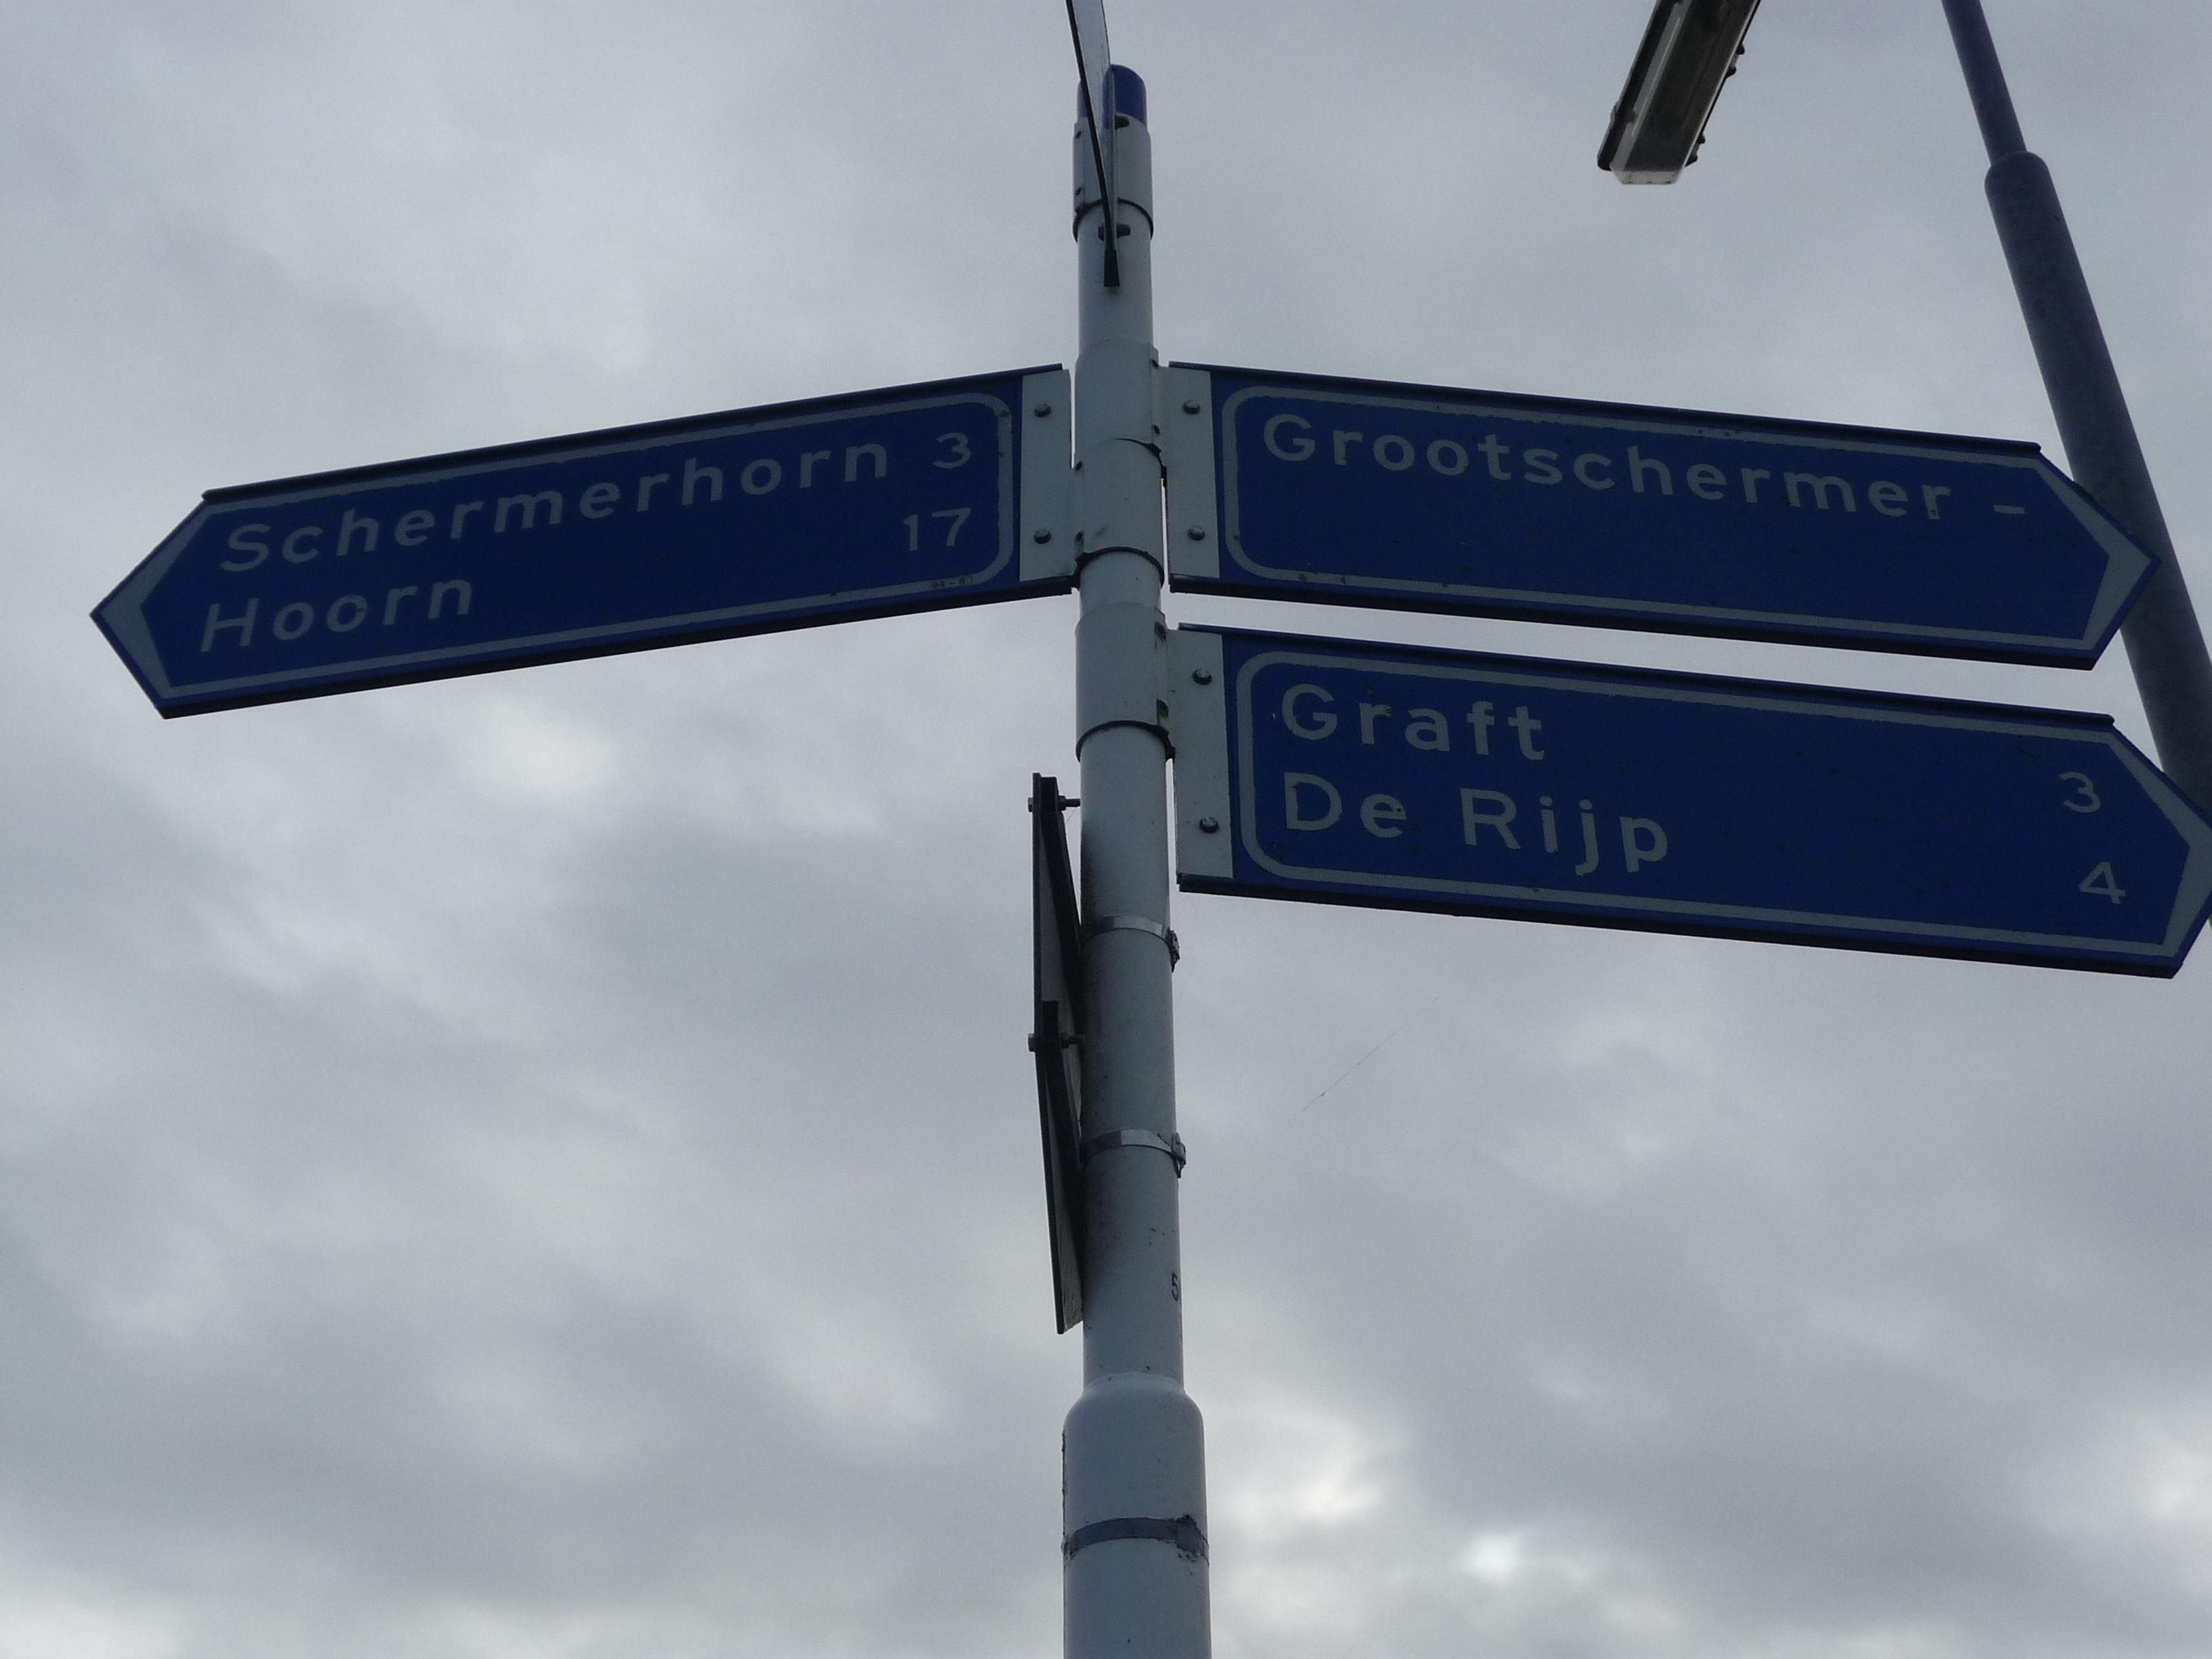 Schermerhorn Grootschermer Klokkedieven Langslapers